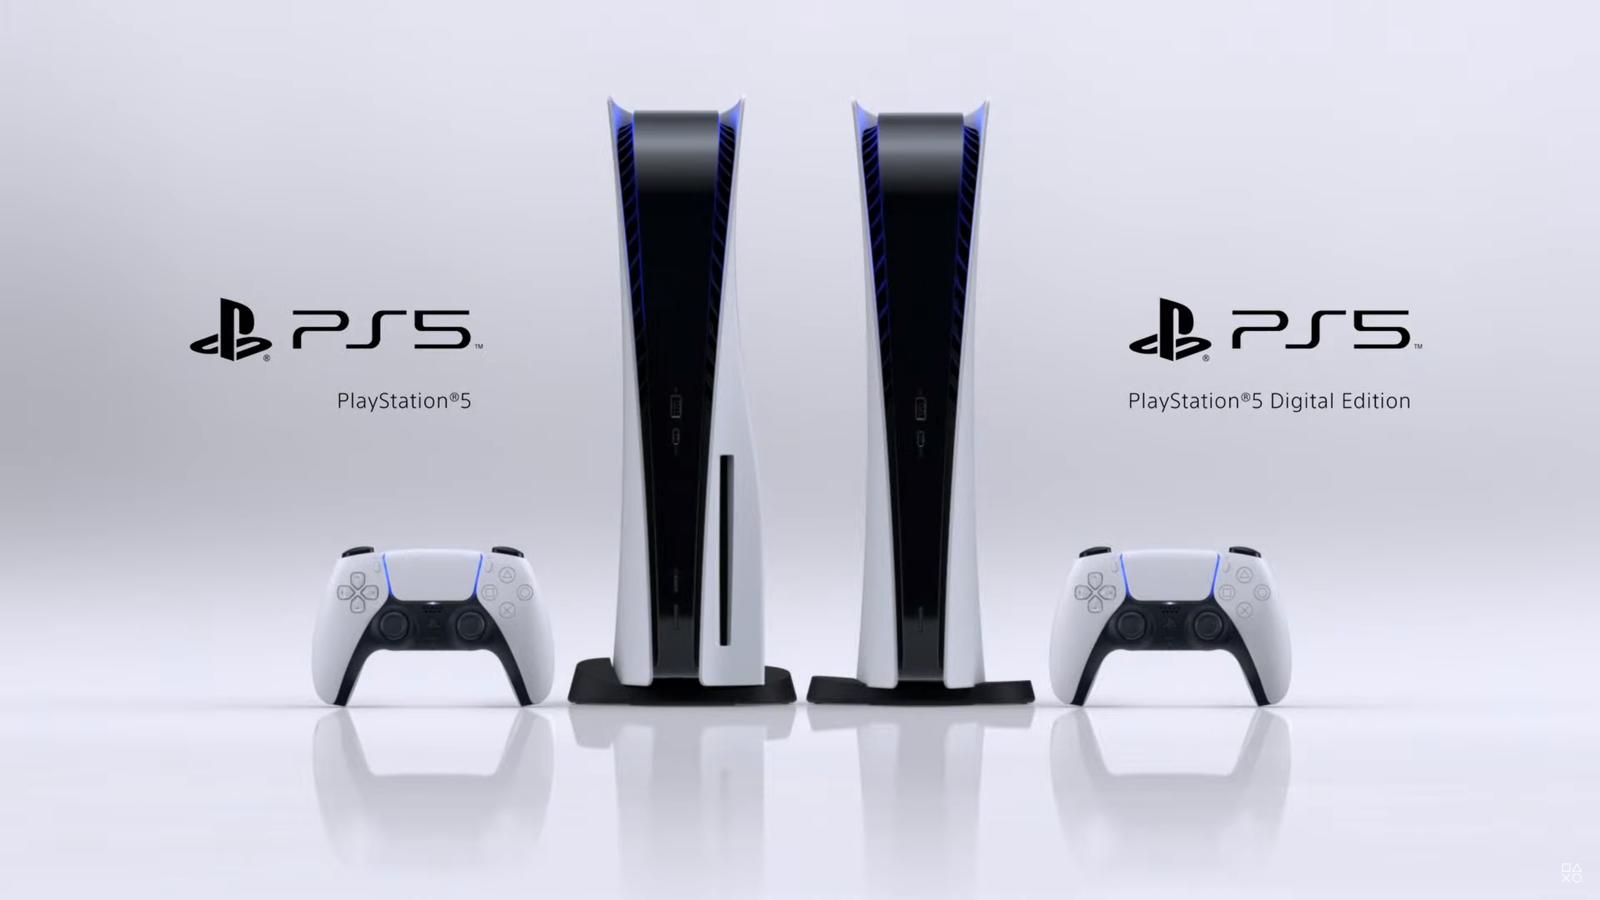 Slik vil neste generasjon PlayStation se ut. Utgaven til venstre i bildet har plass for fysiske plater, mens den til høyre er en helt nettbasert versjon som laster ned innholdet.